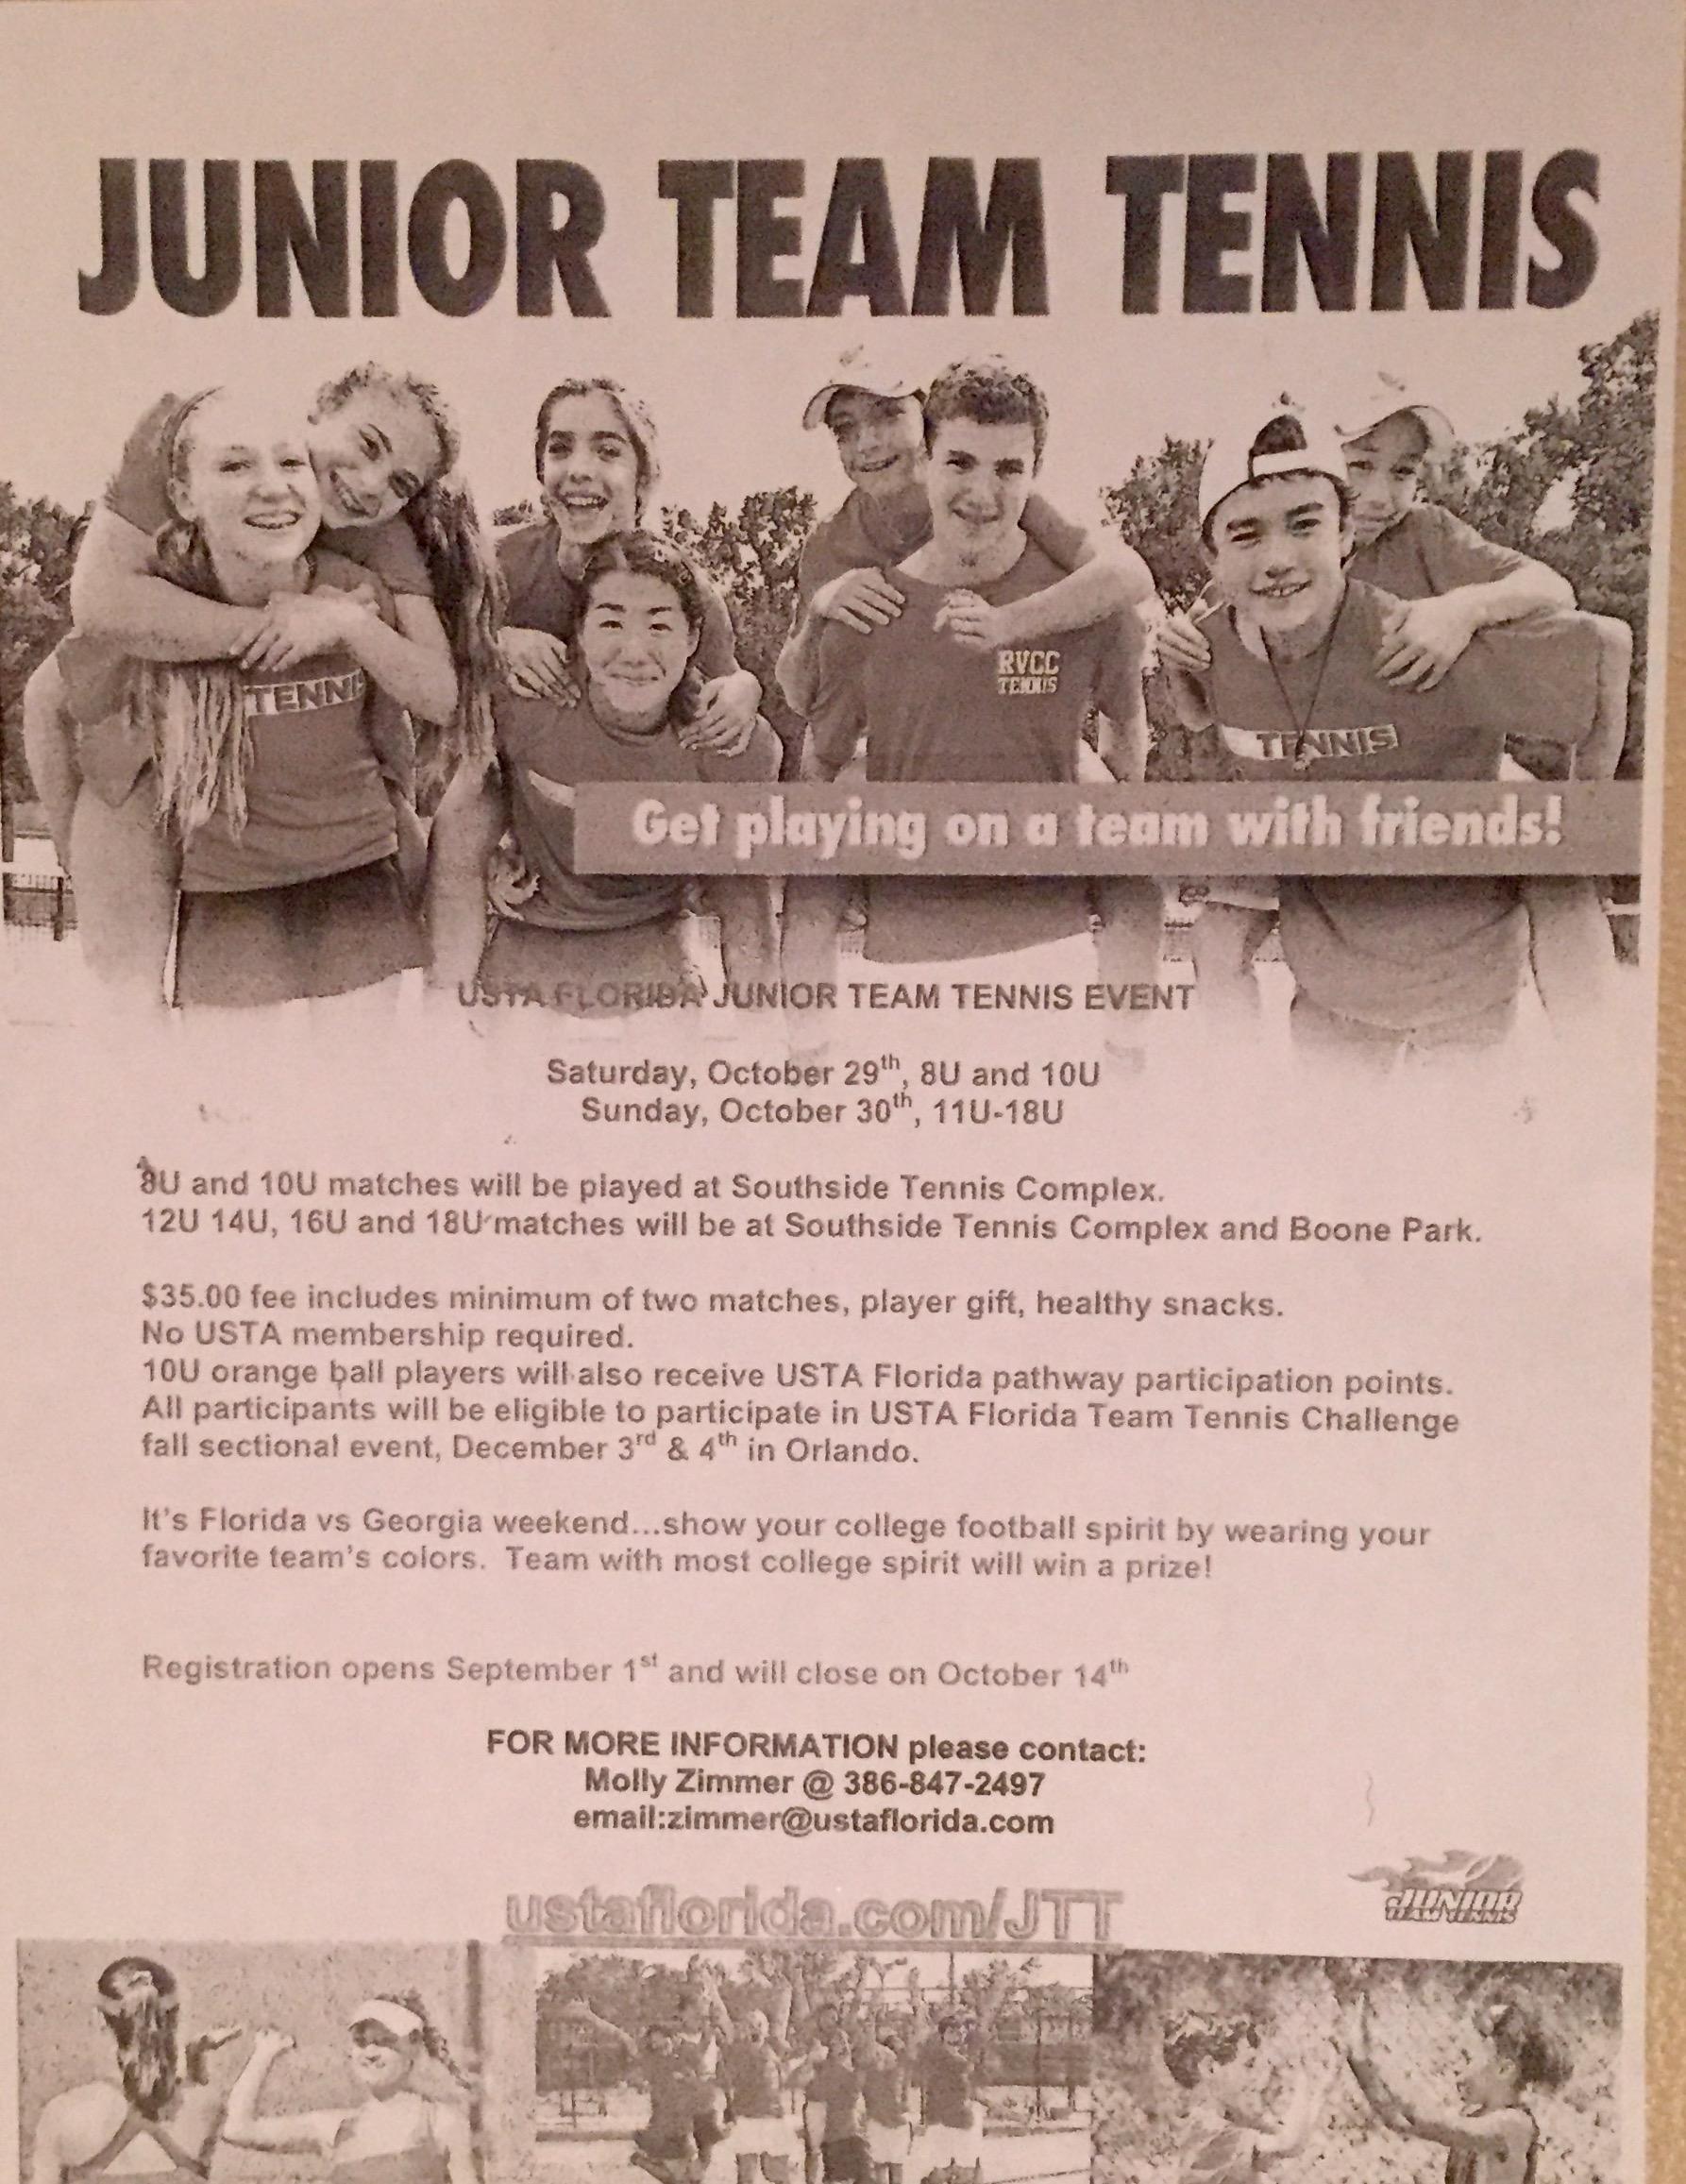 USTA Junior Team Tennis